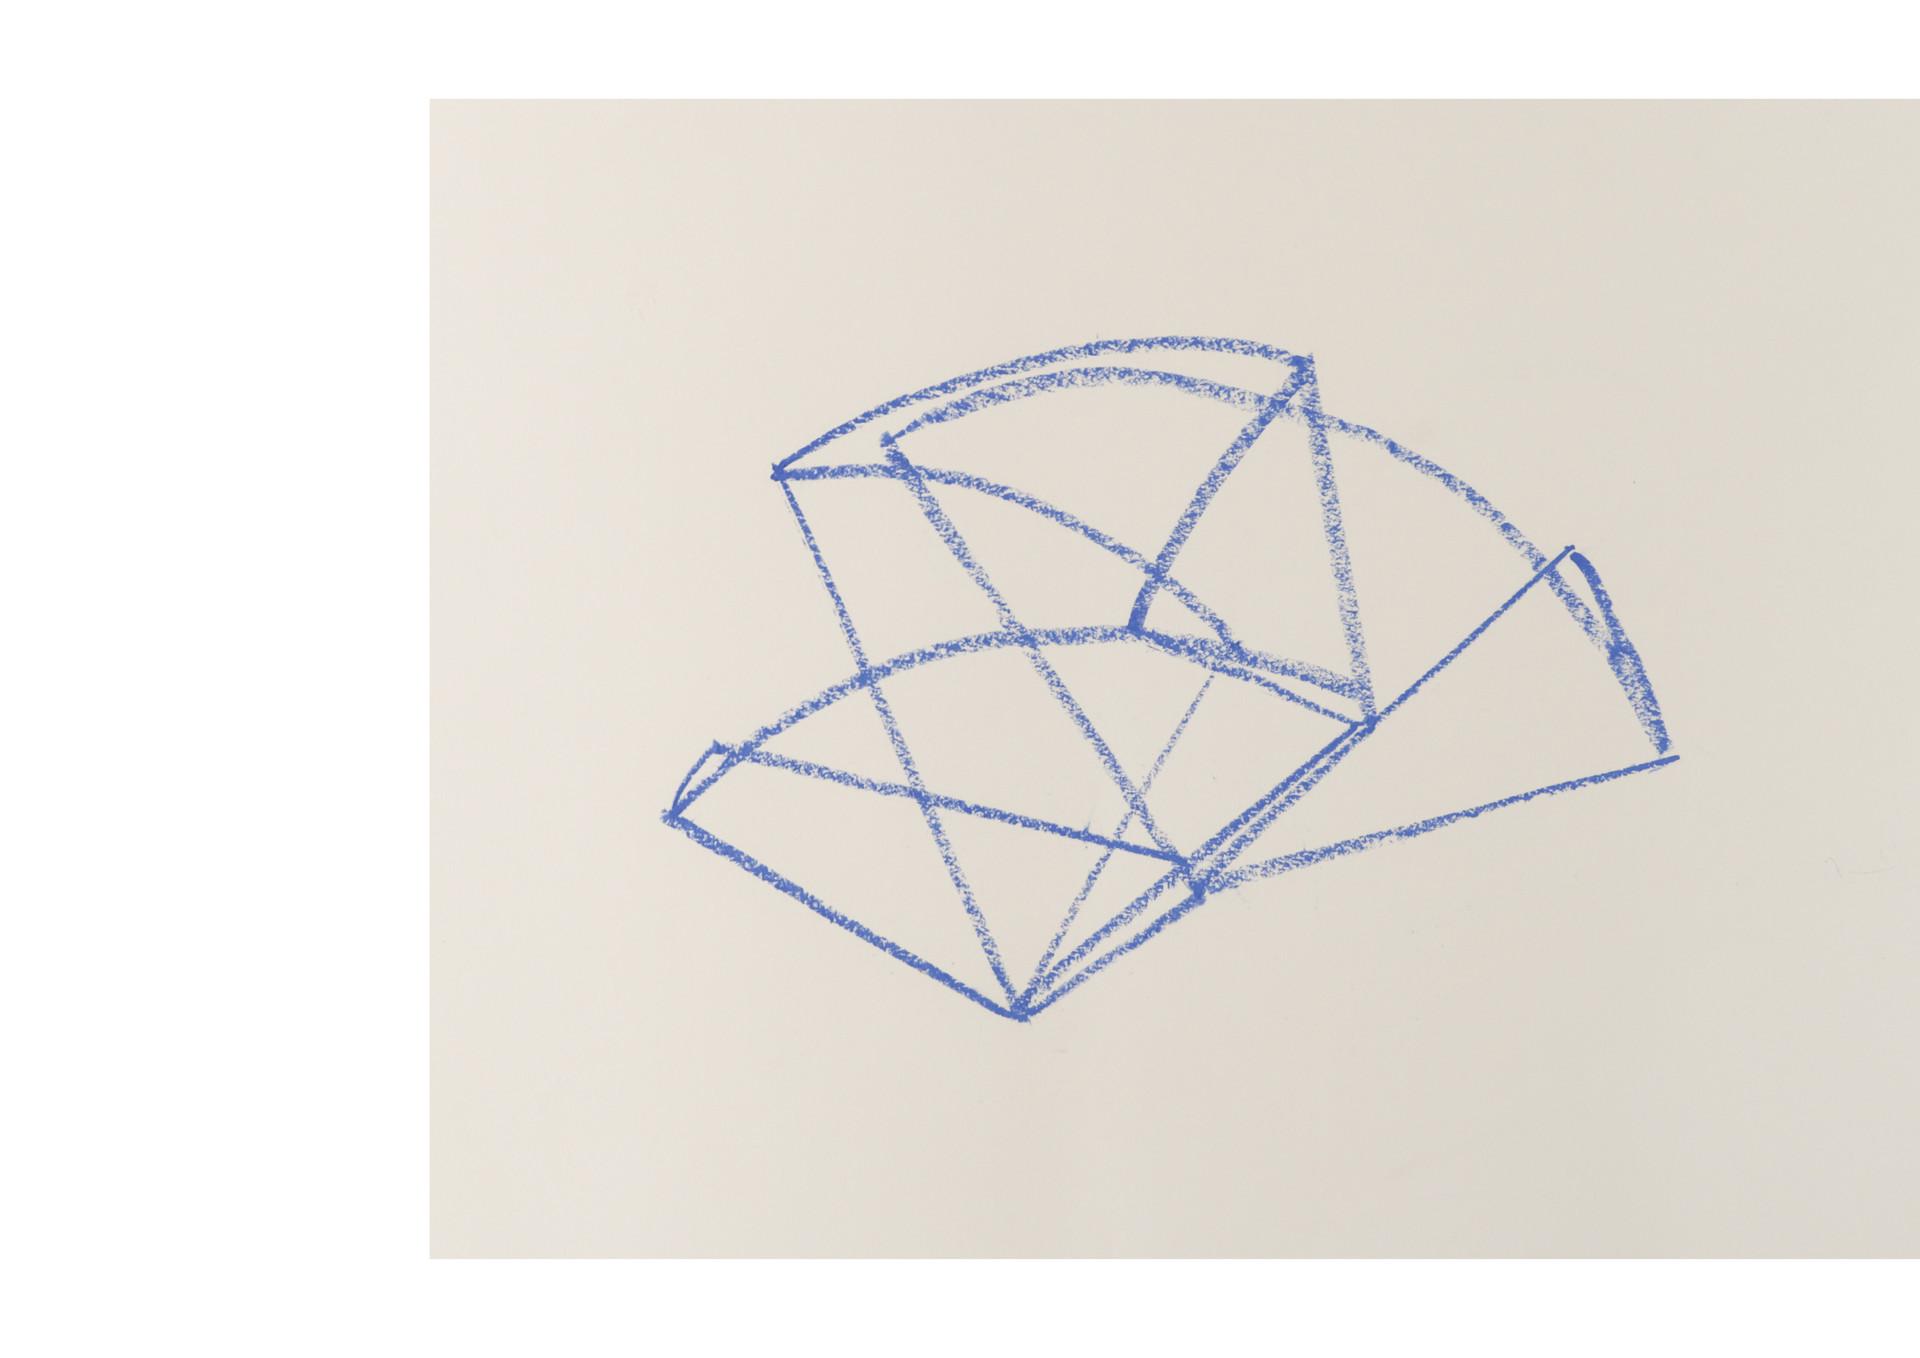 topographie d'un calque plié